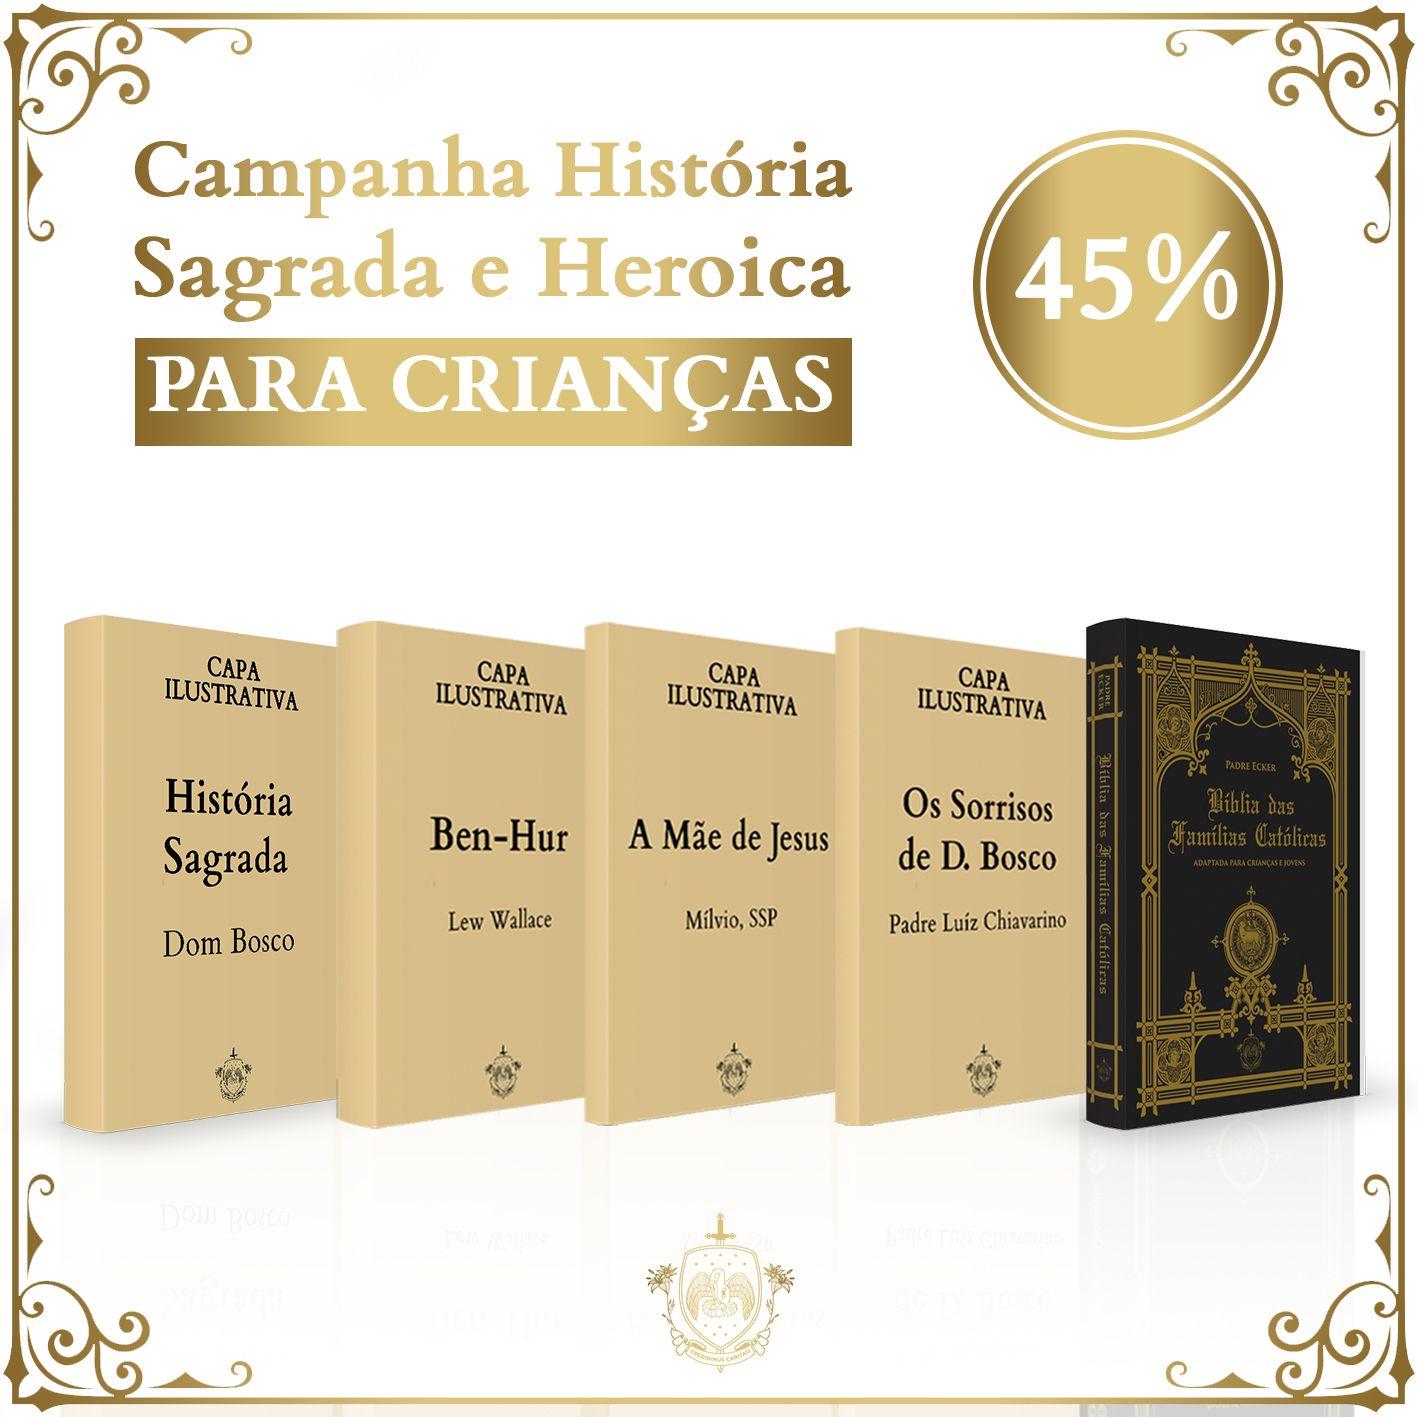 Combo Sagrado e Heroico + Bíblia das Famílias Católicas